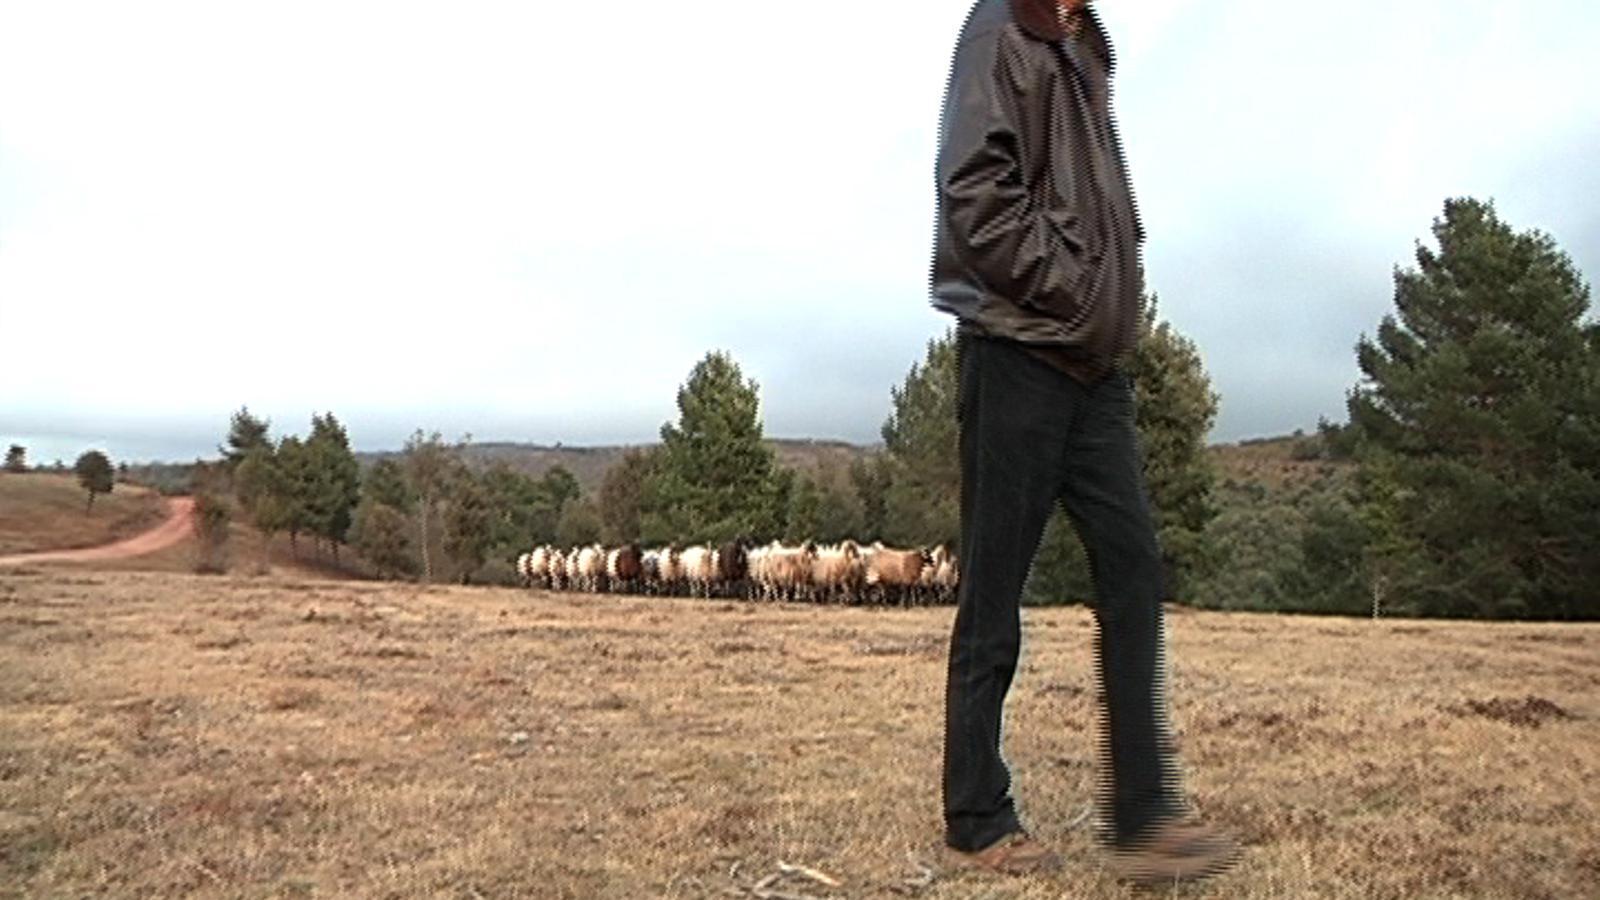 El pastor Fundador: Si no hi ha igualtat, estaria bé tenir la independència